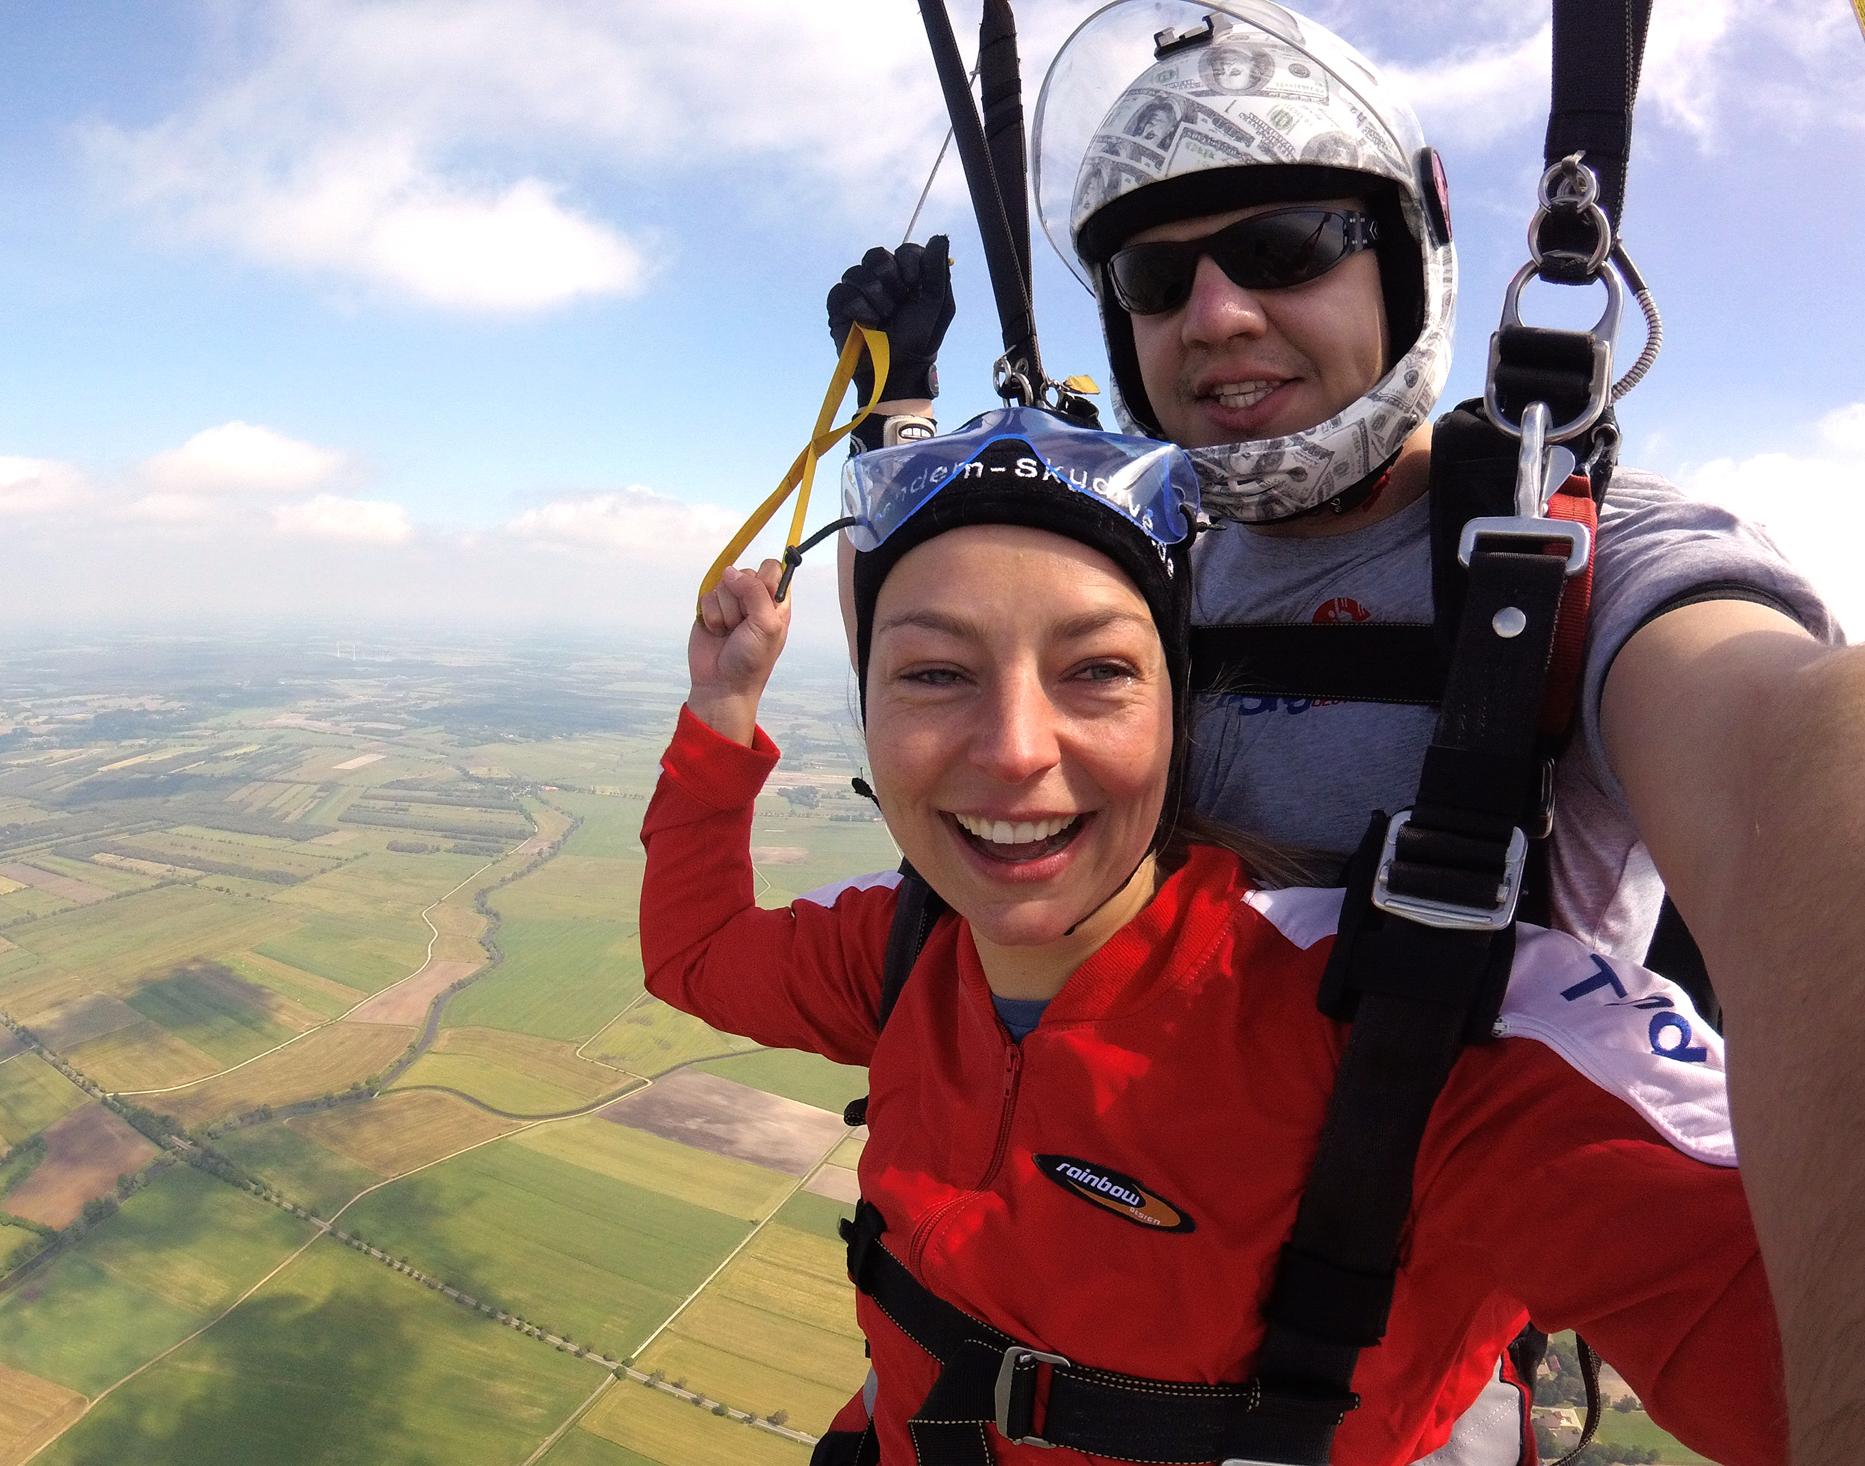 Fallschirm Tandemsprung - Kührstedt Sprung aus ca. 3.000-4.000 Metern - ca. 25-50 Sekunden freier Fall